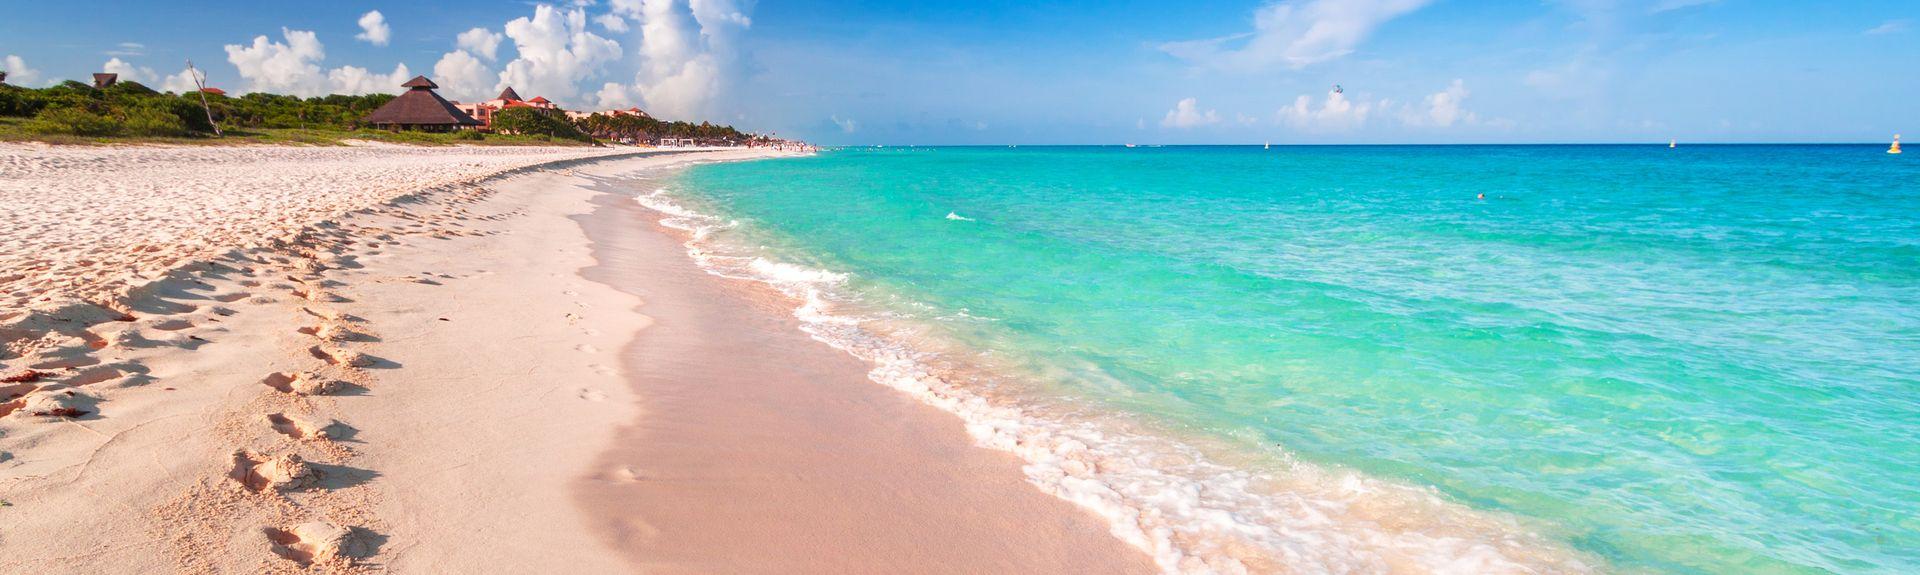 Playa del Carmen, Quintana Roo, Messico